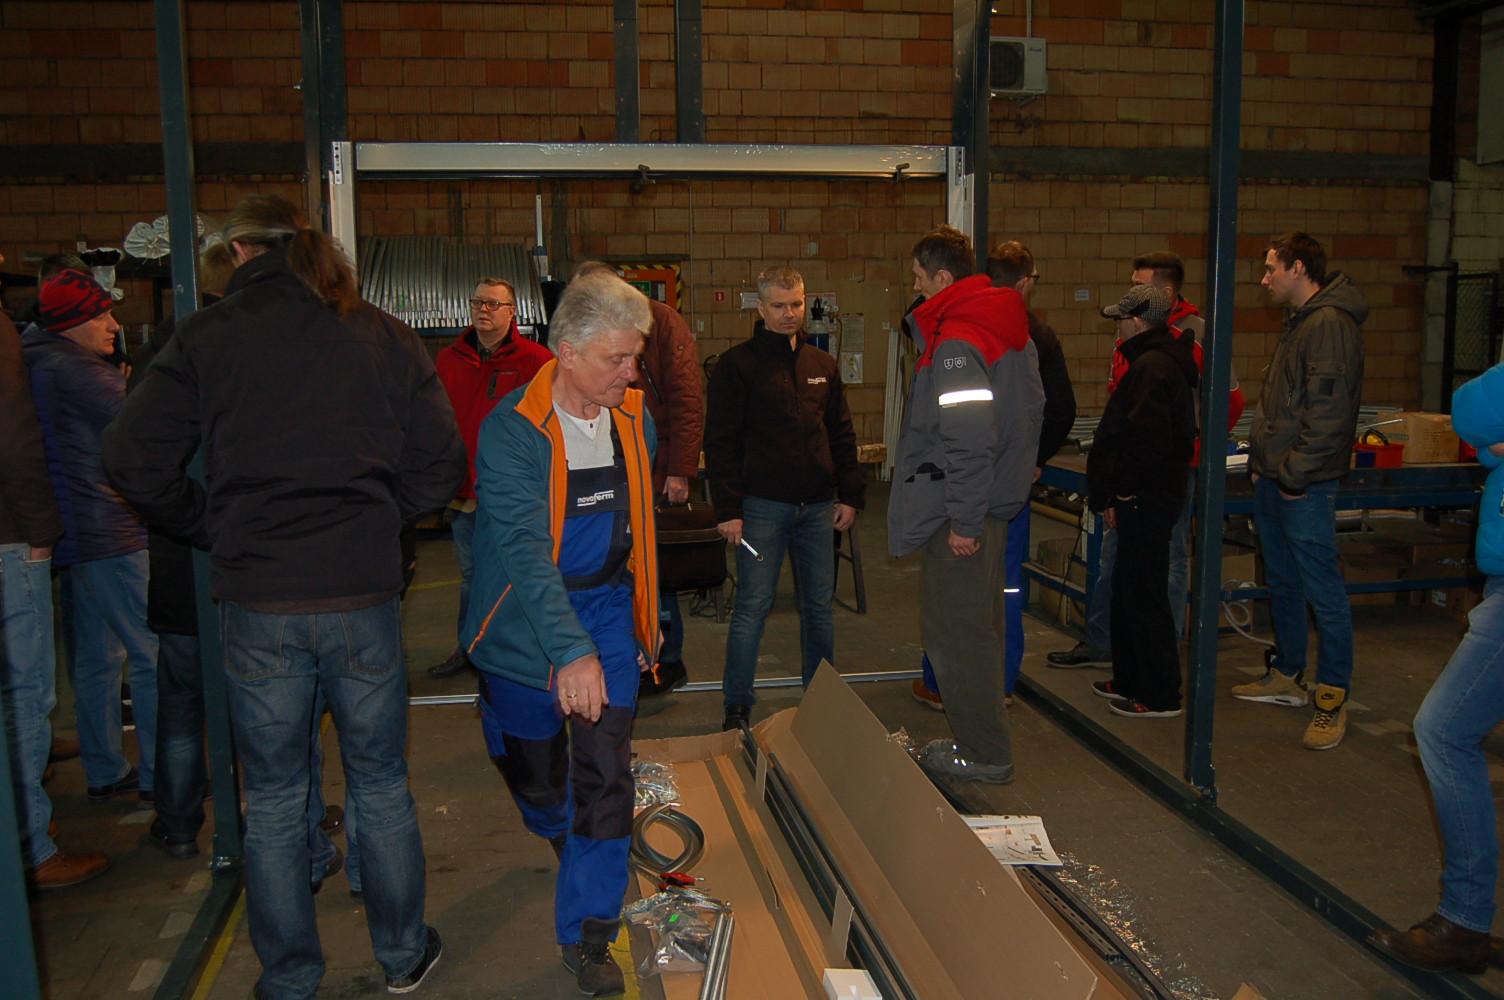 szkolenia montażowe w ramach Drzwi otwartych Novoferm w Poznaniu